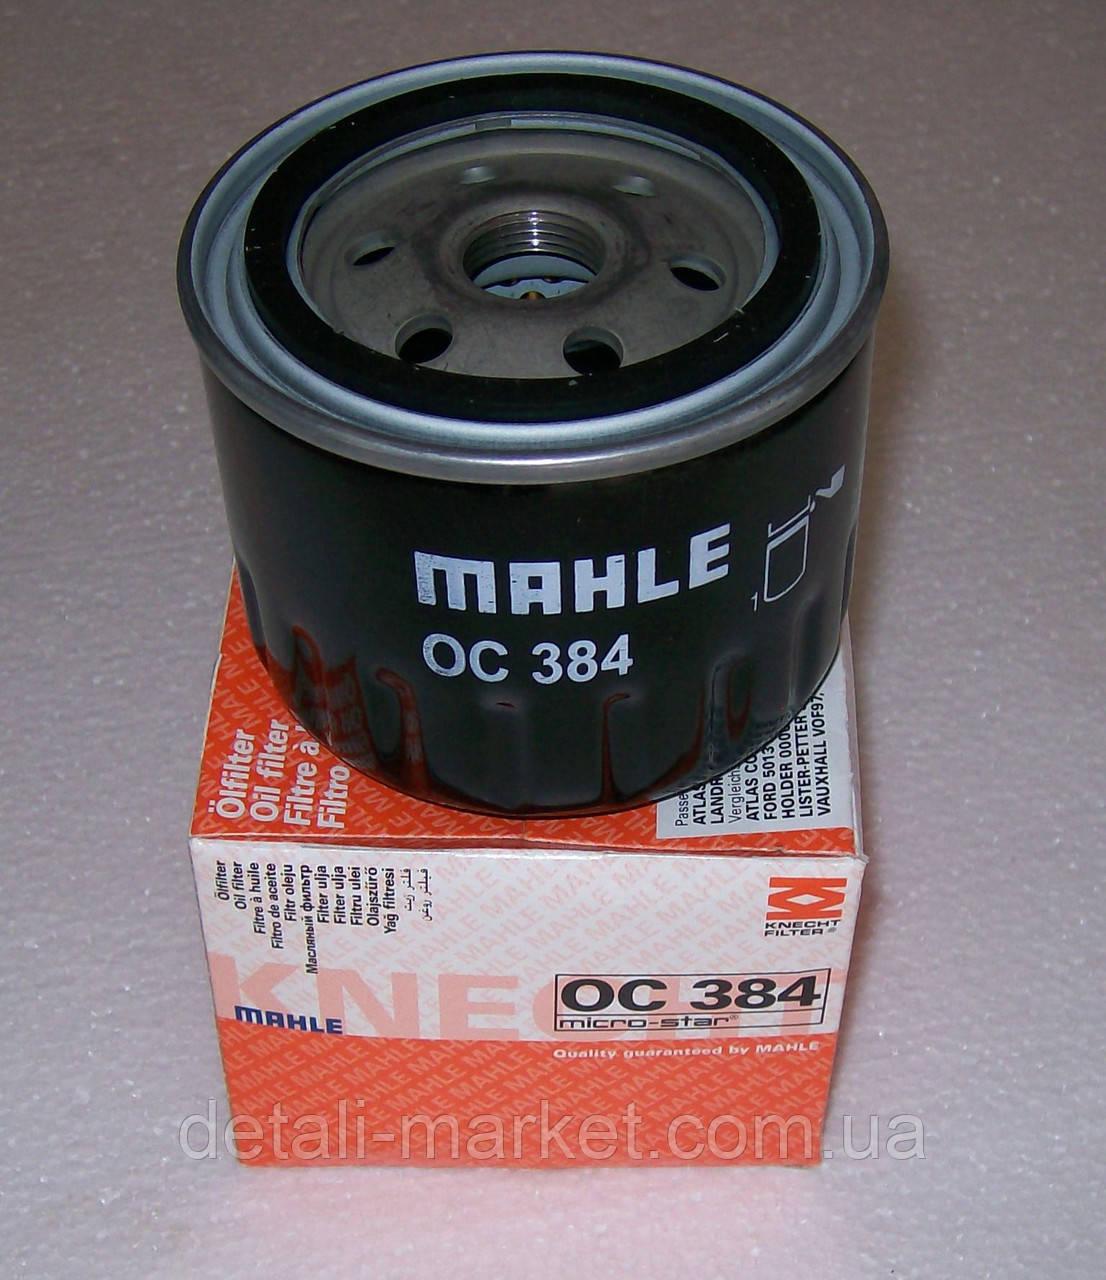 Фильтр маслянный ВАЗ 2108-2170   Mahle